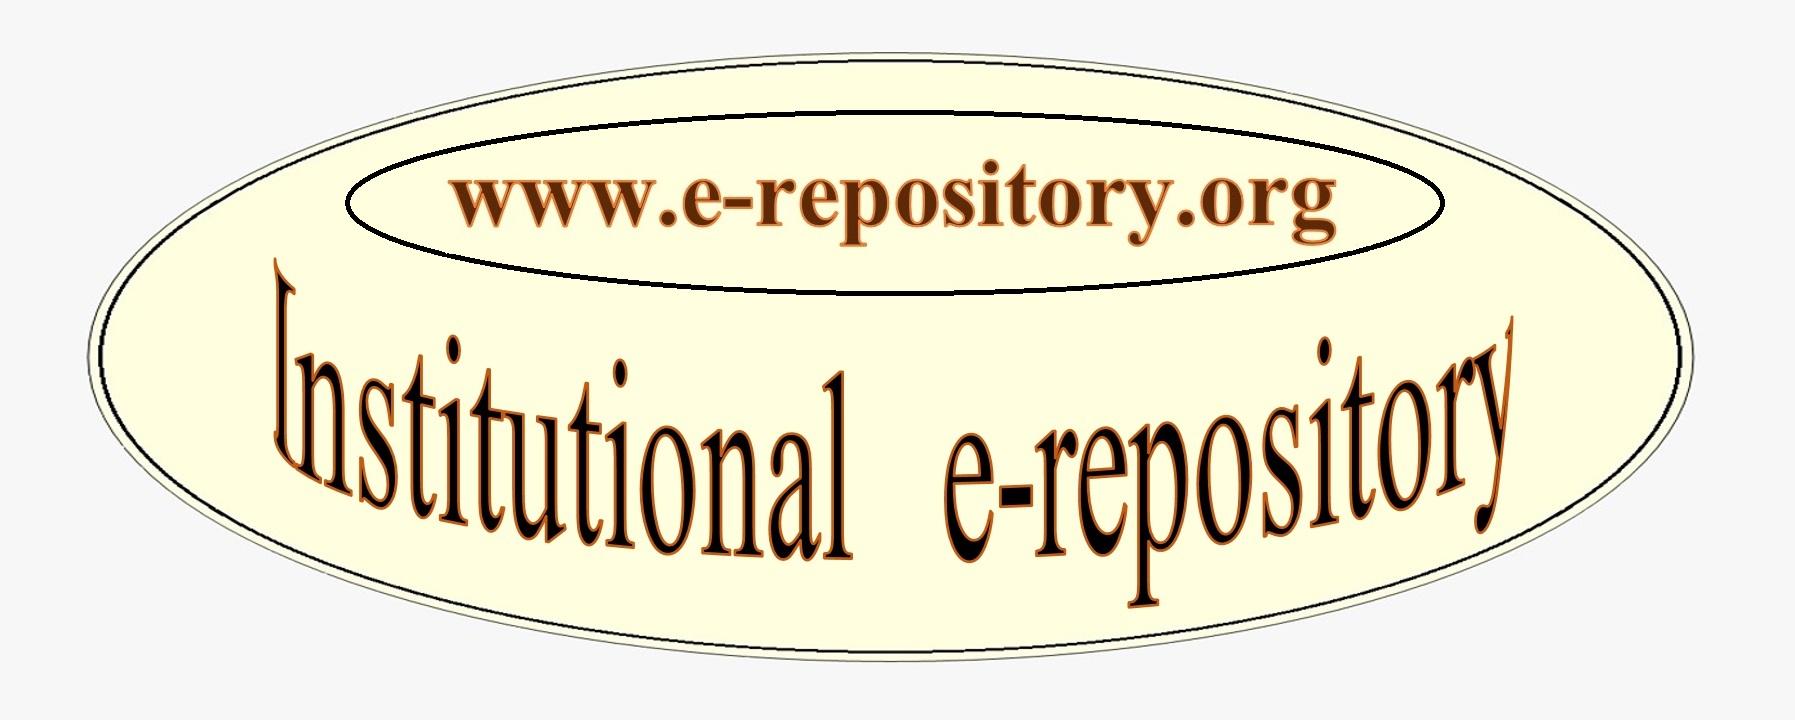 e-Repository